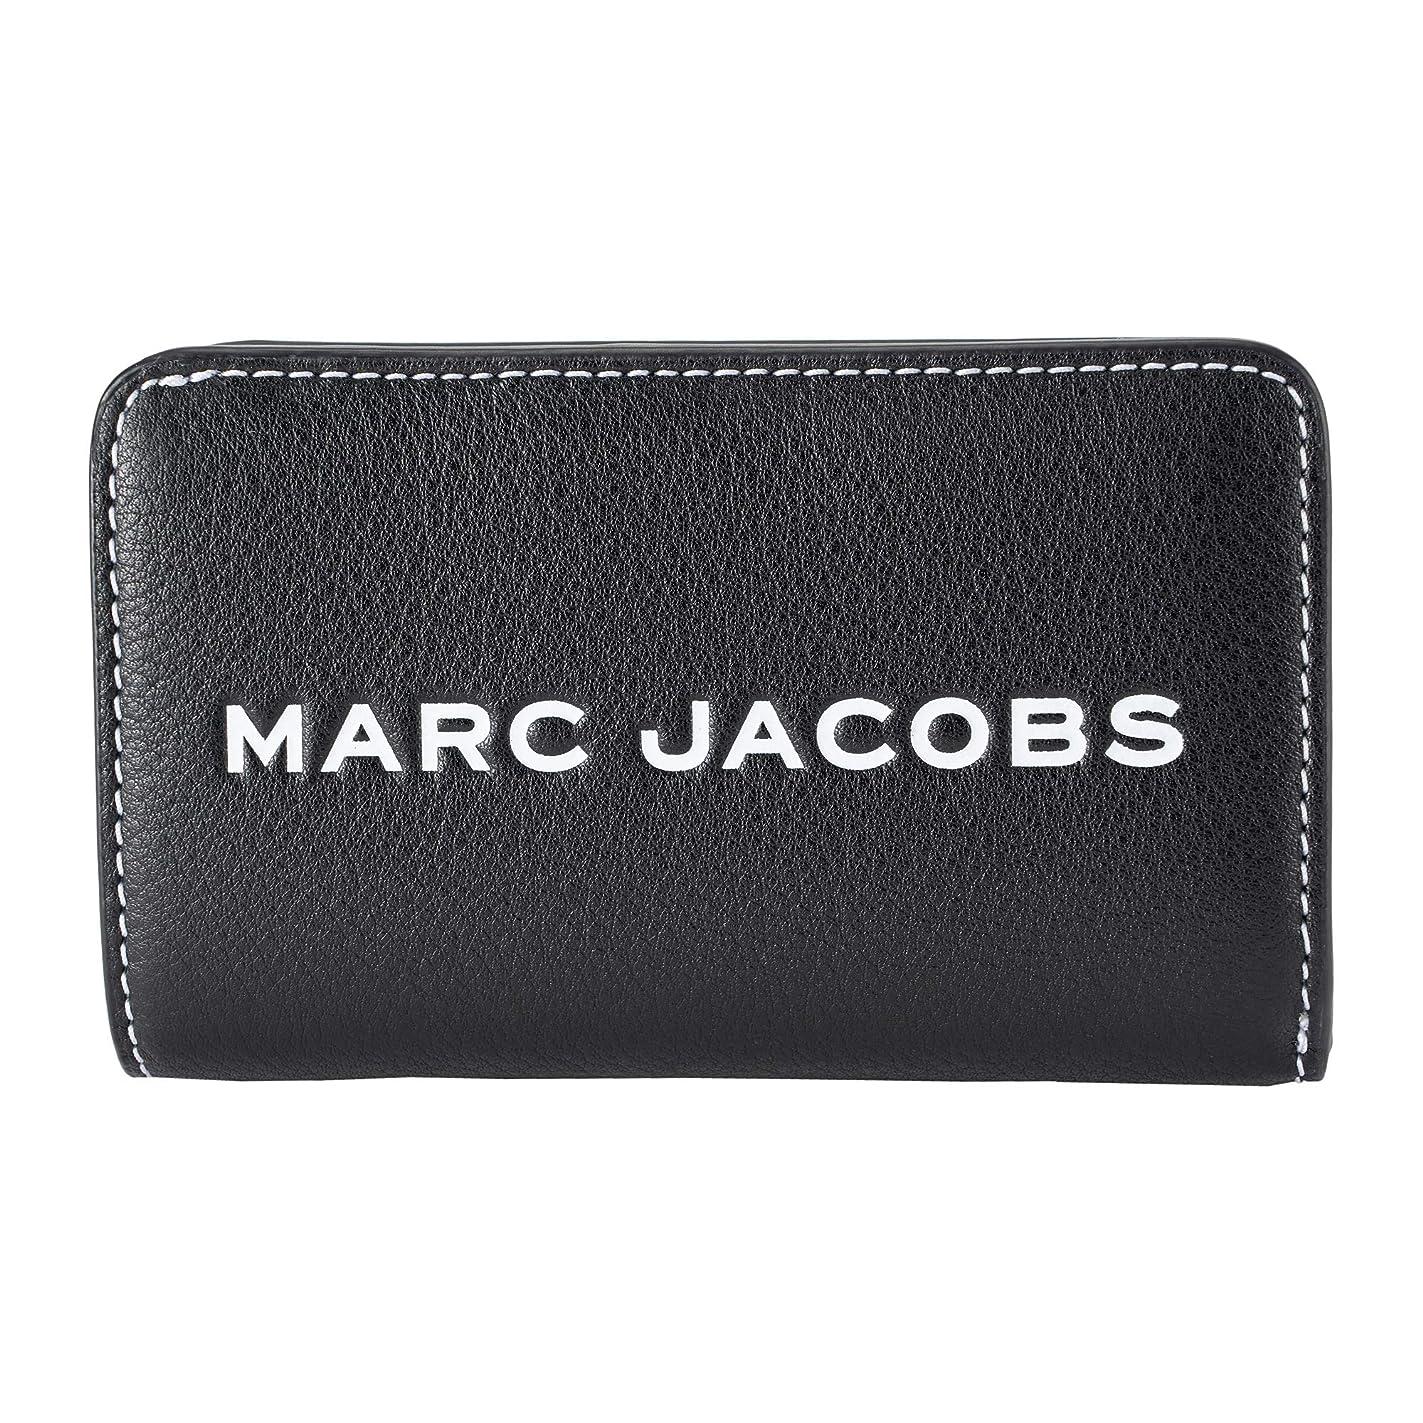 スライム実業家教義[マークジェイコブス]折財布 レディース MARC JACOBS M0014869 001 ブラック [並行輸入品]